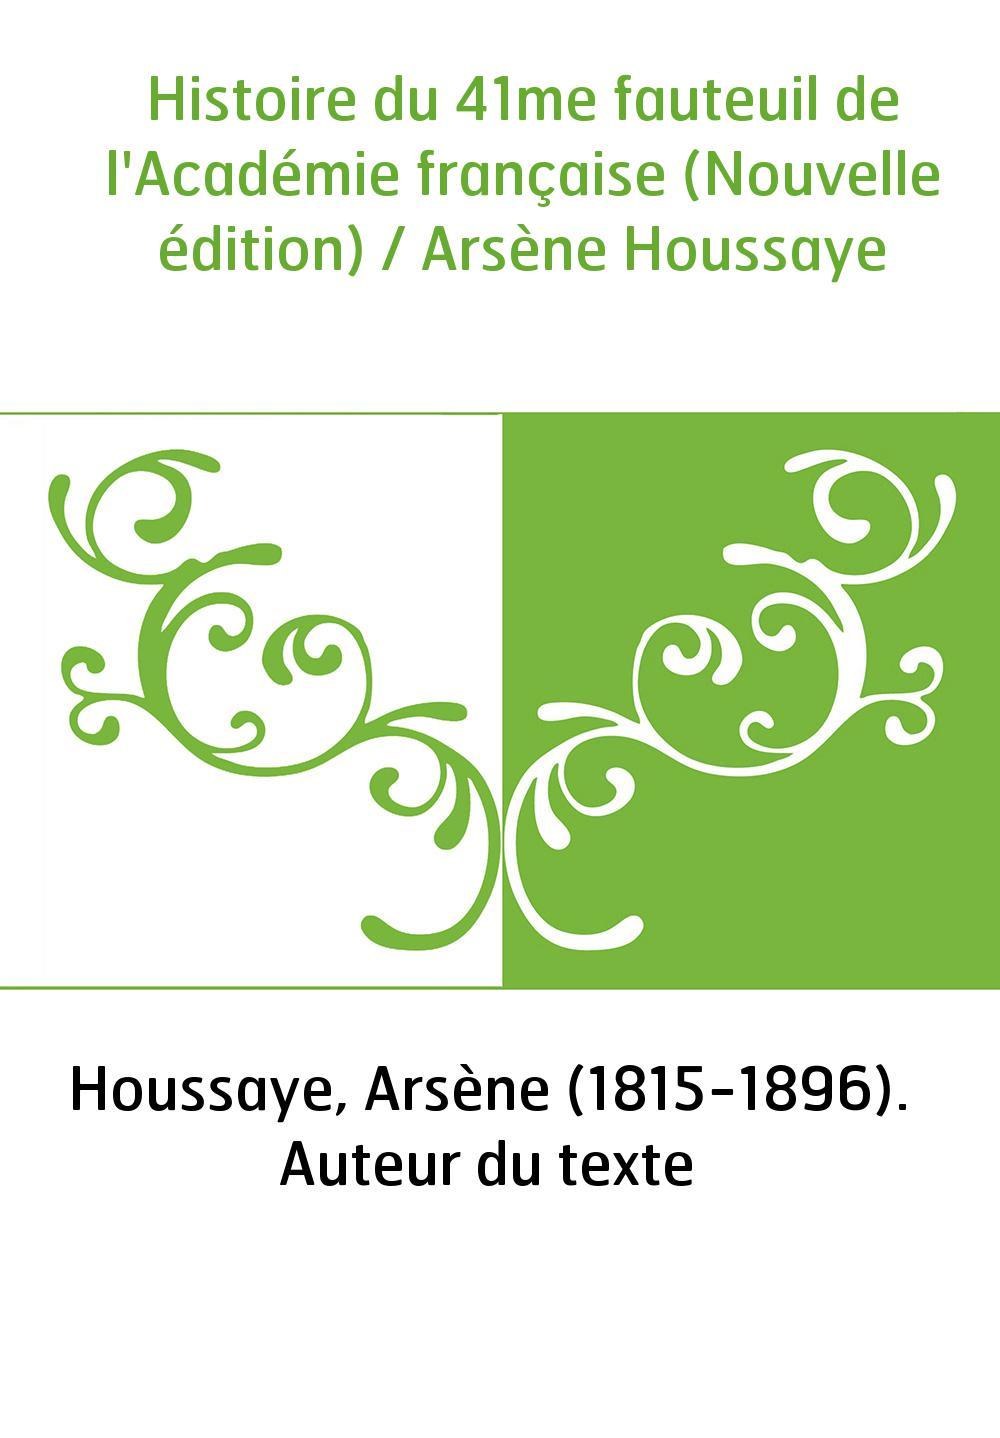 Histoire du 41me fauteuil de l'Académie française (Nouvelle édition) / Arsène Houssaye